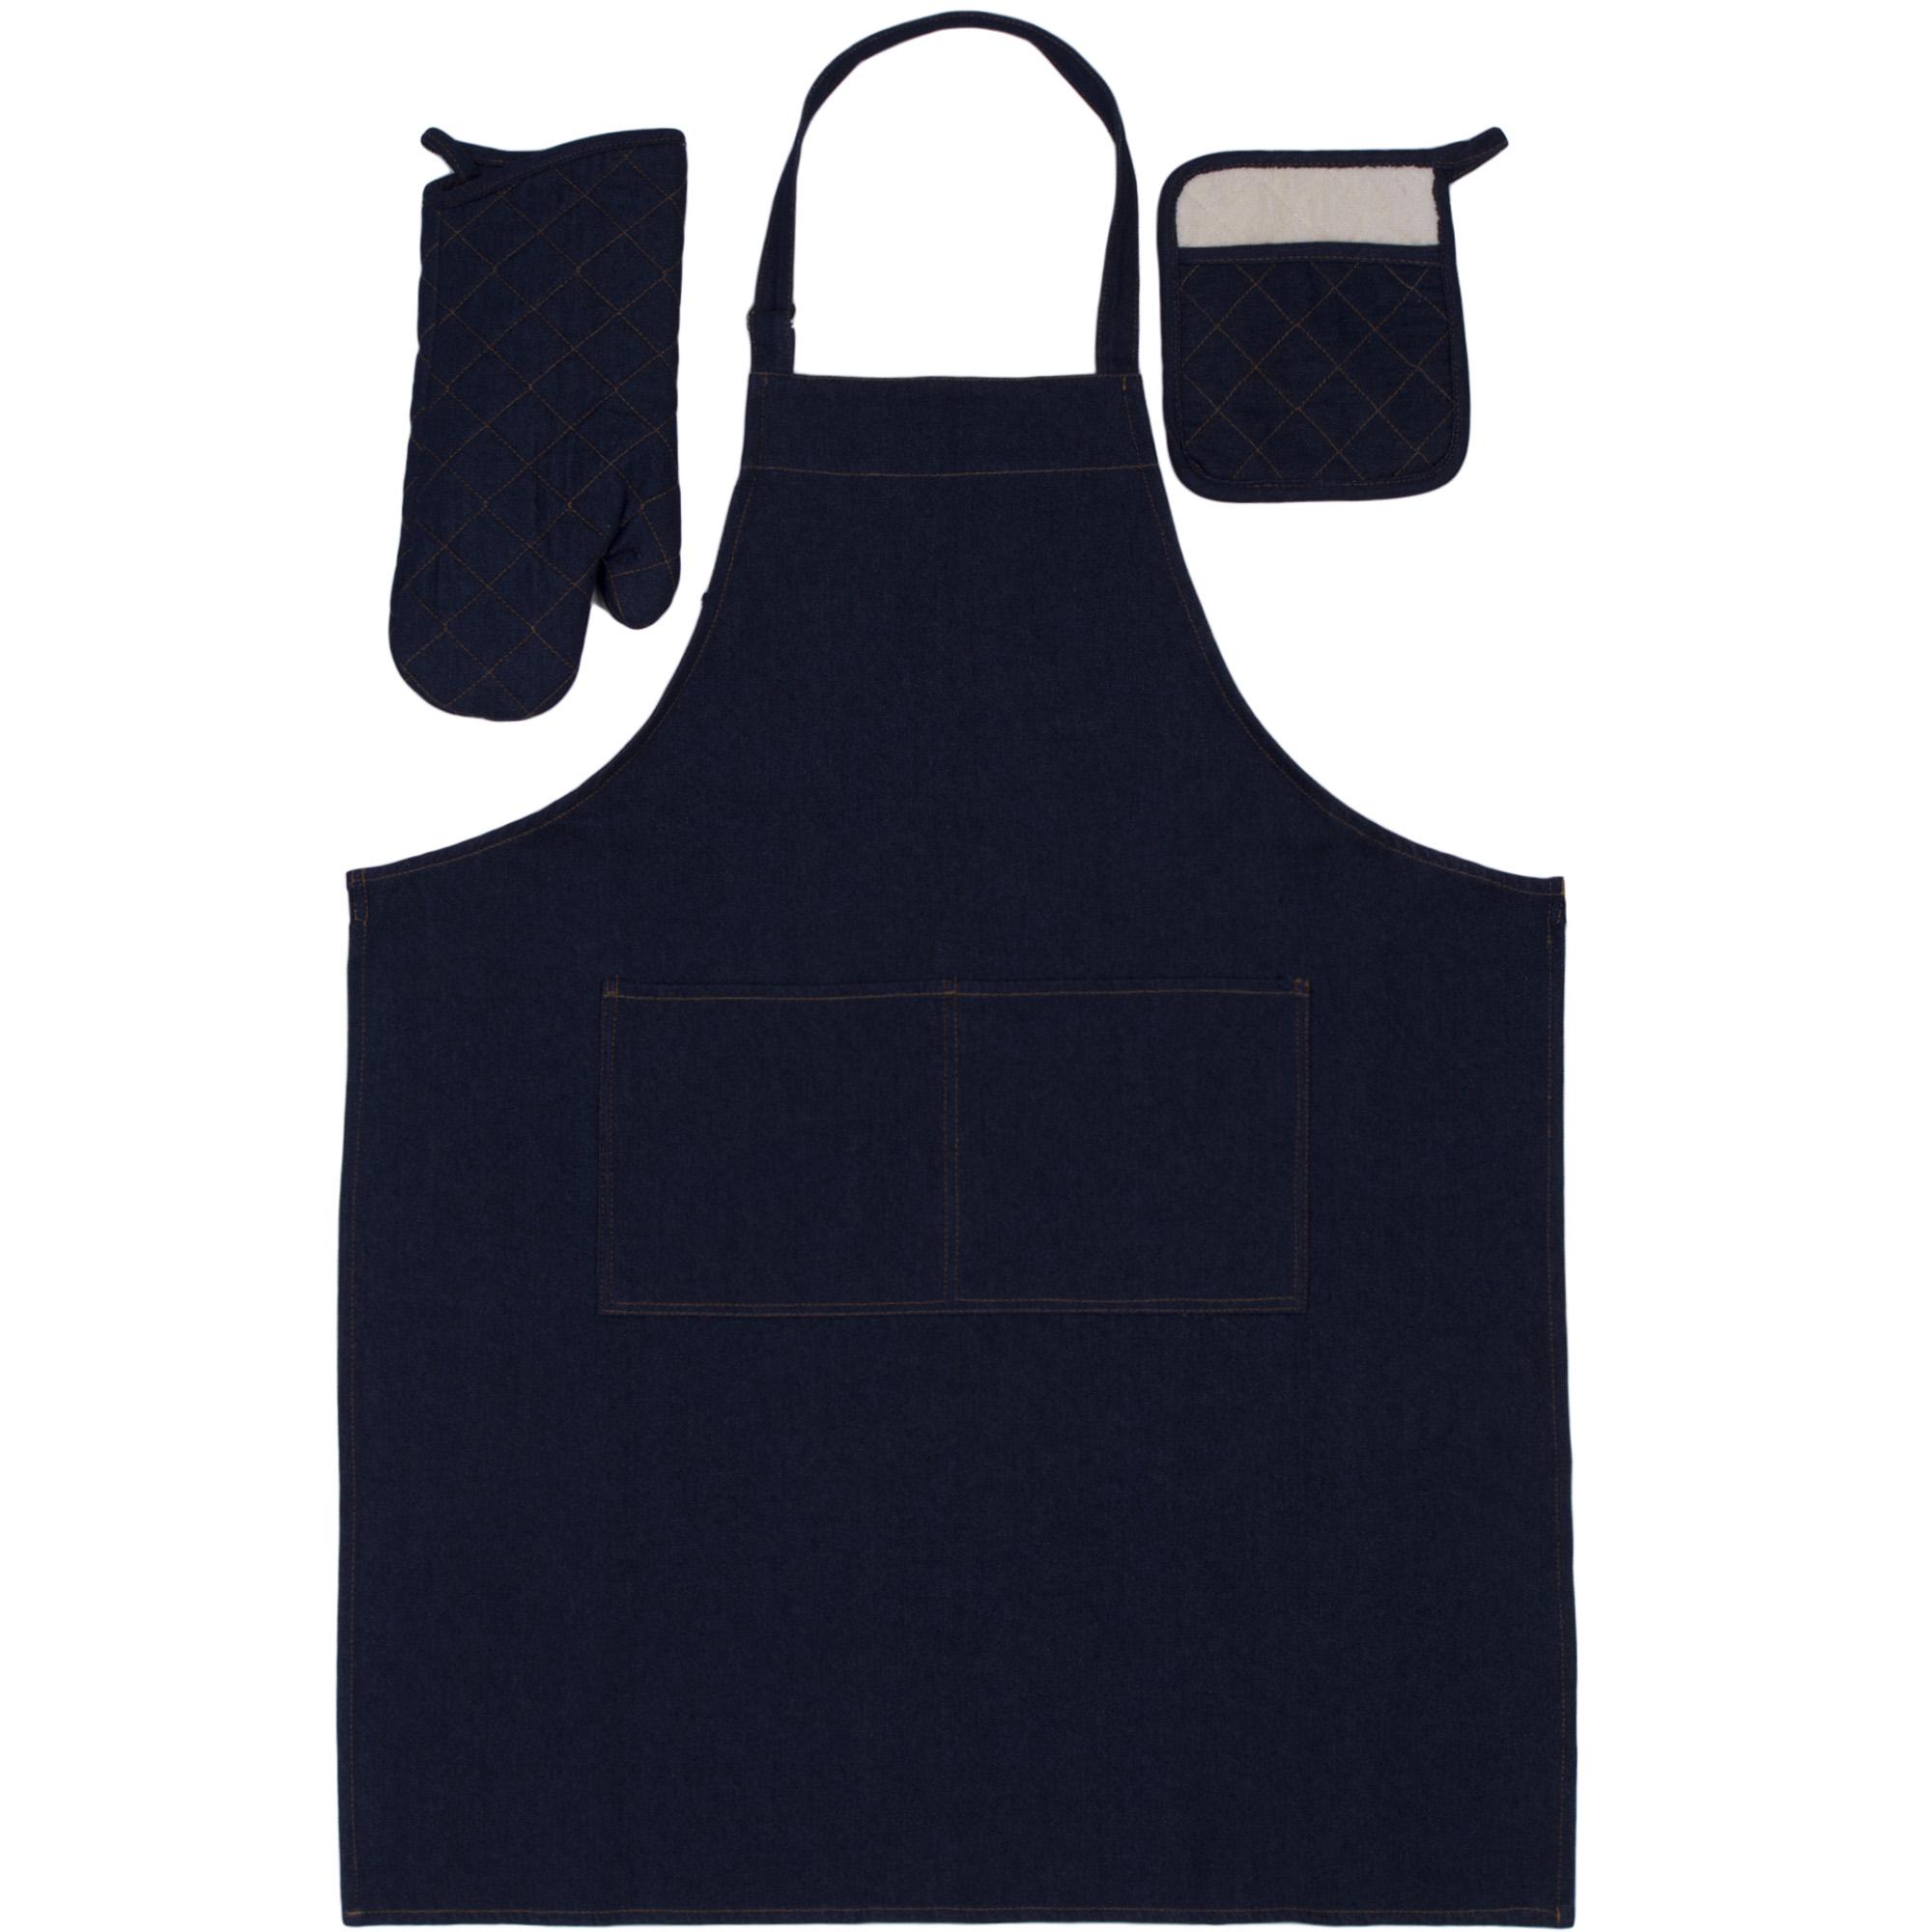 Набор для кухни Джинсовый панели для кухни фартук в курске